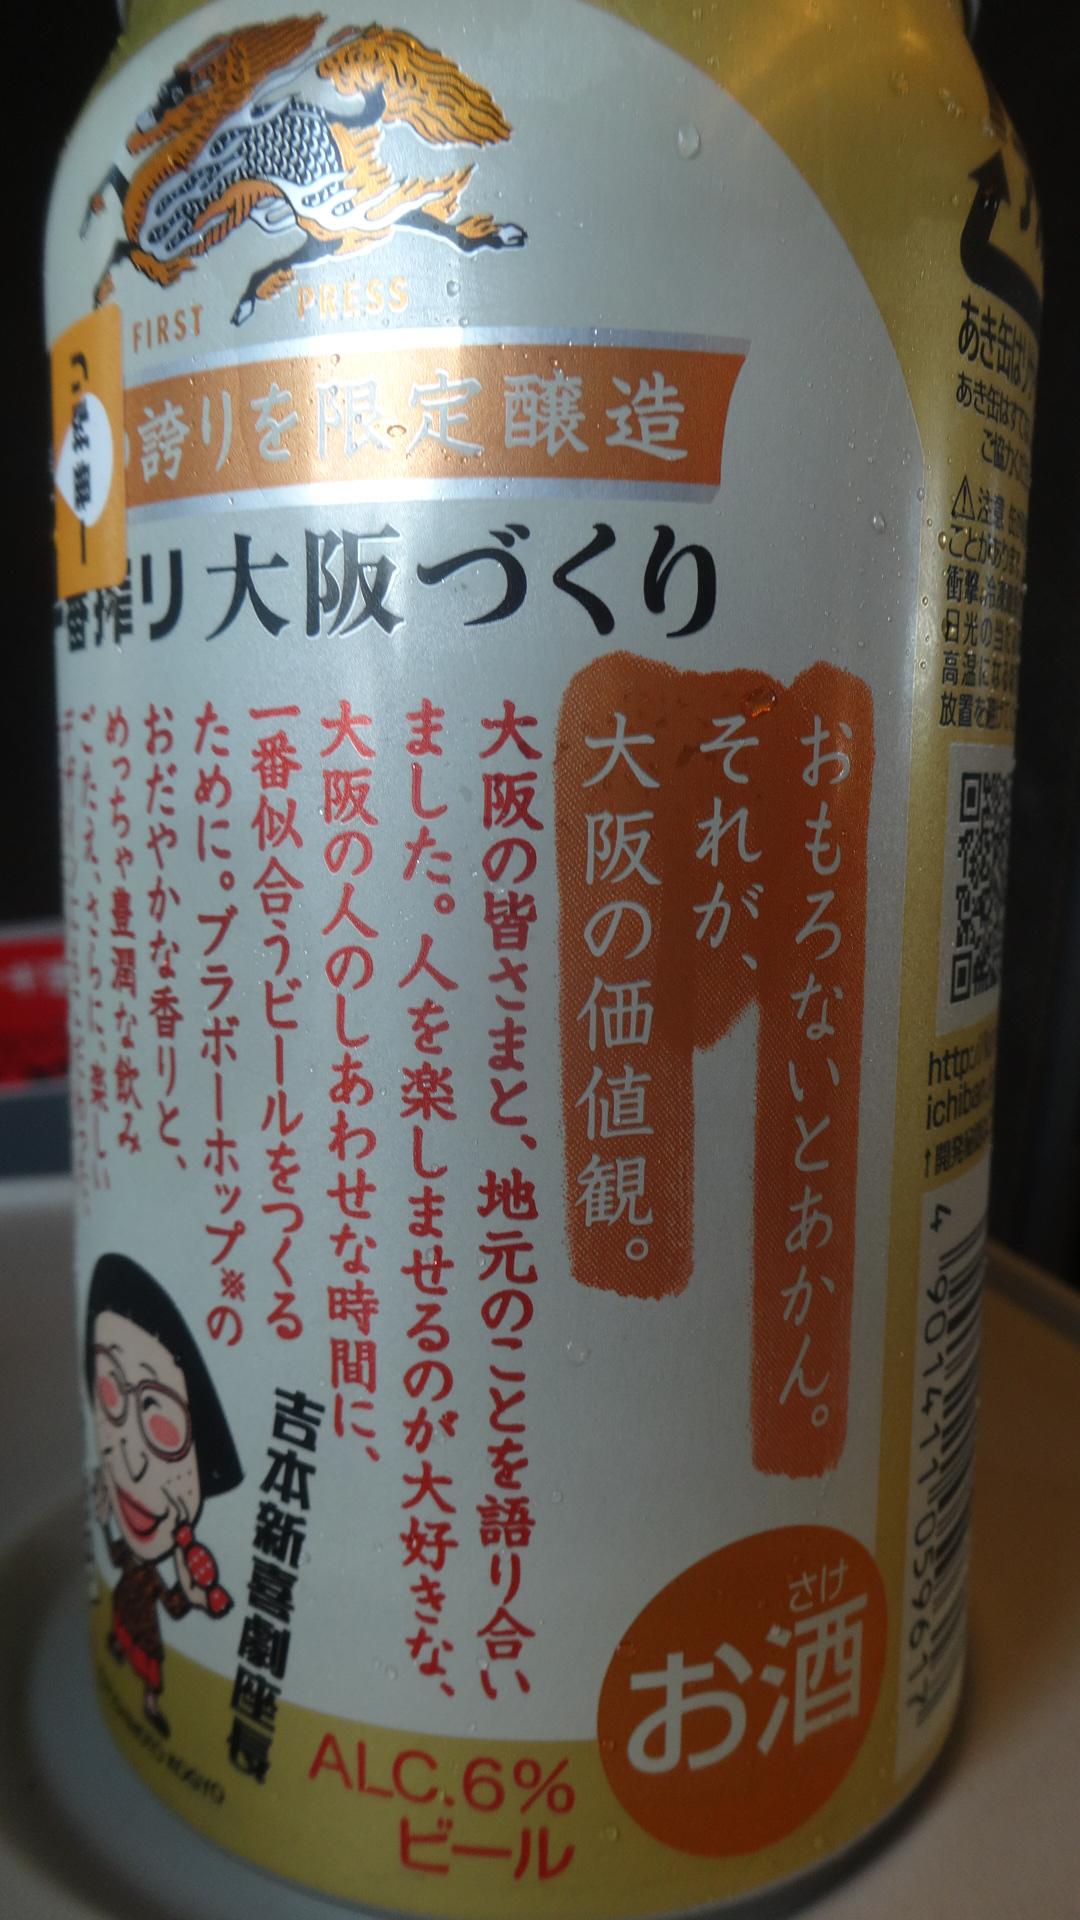 大阪の価値観の説明が書かれたビールの一番搾り